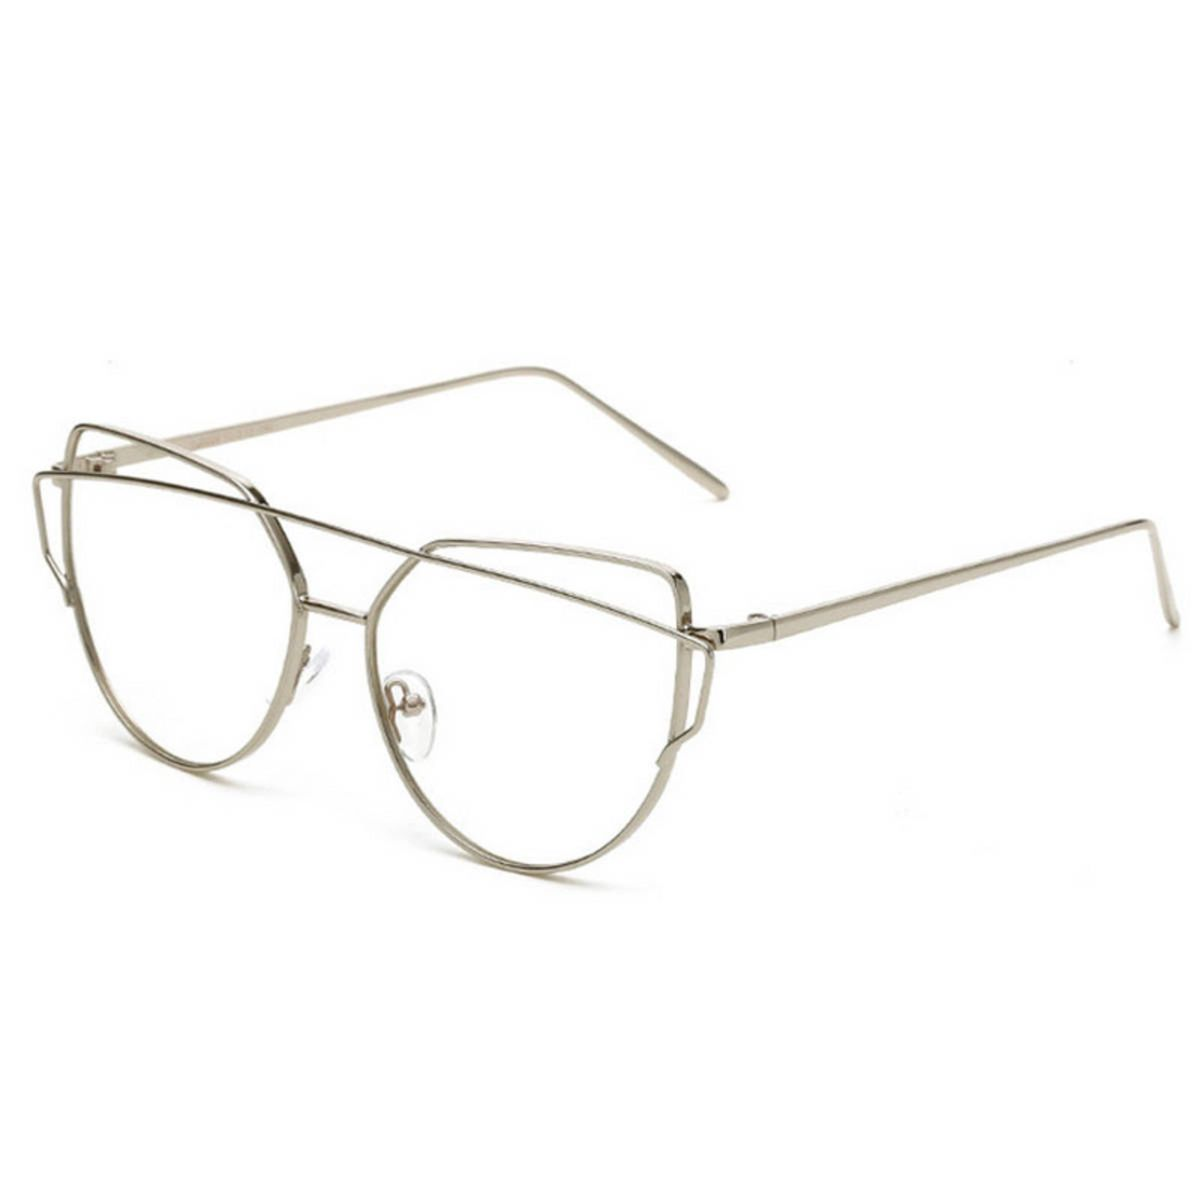 armação óculos para grau metálica prateado fashion hippie retrô pop - óculos  sem marca 79beb3ca6f